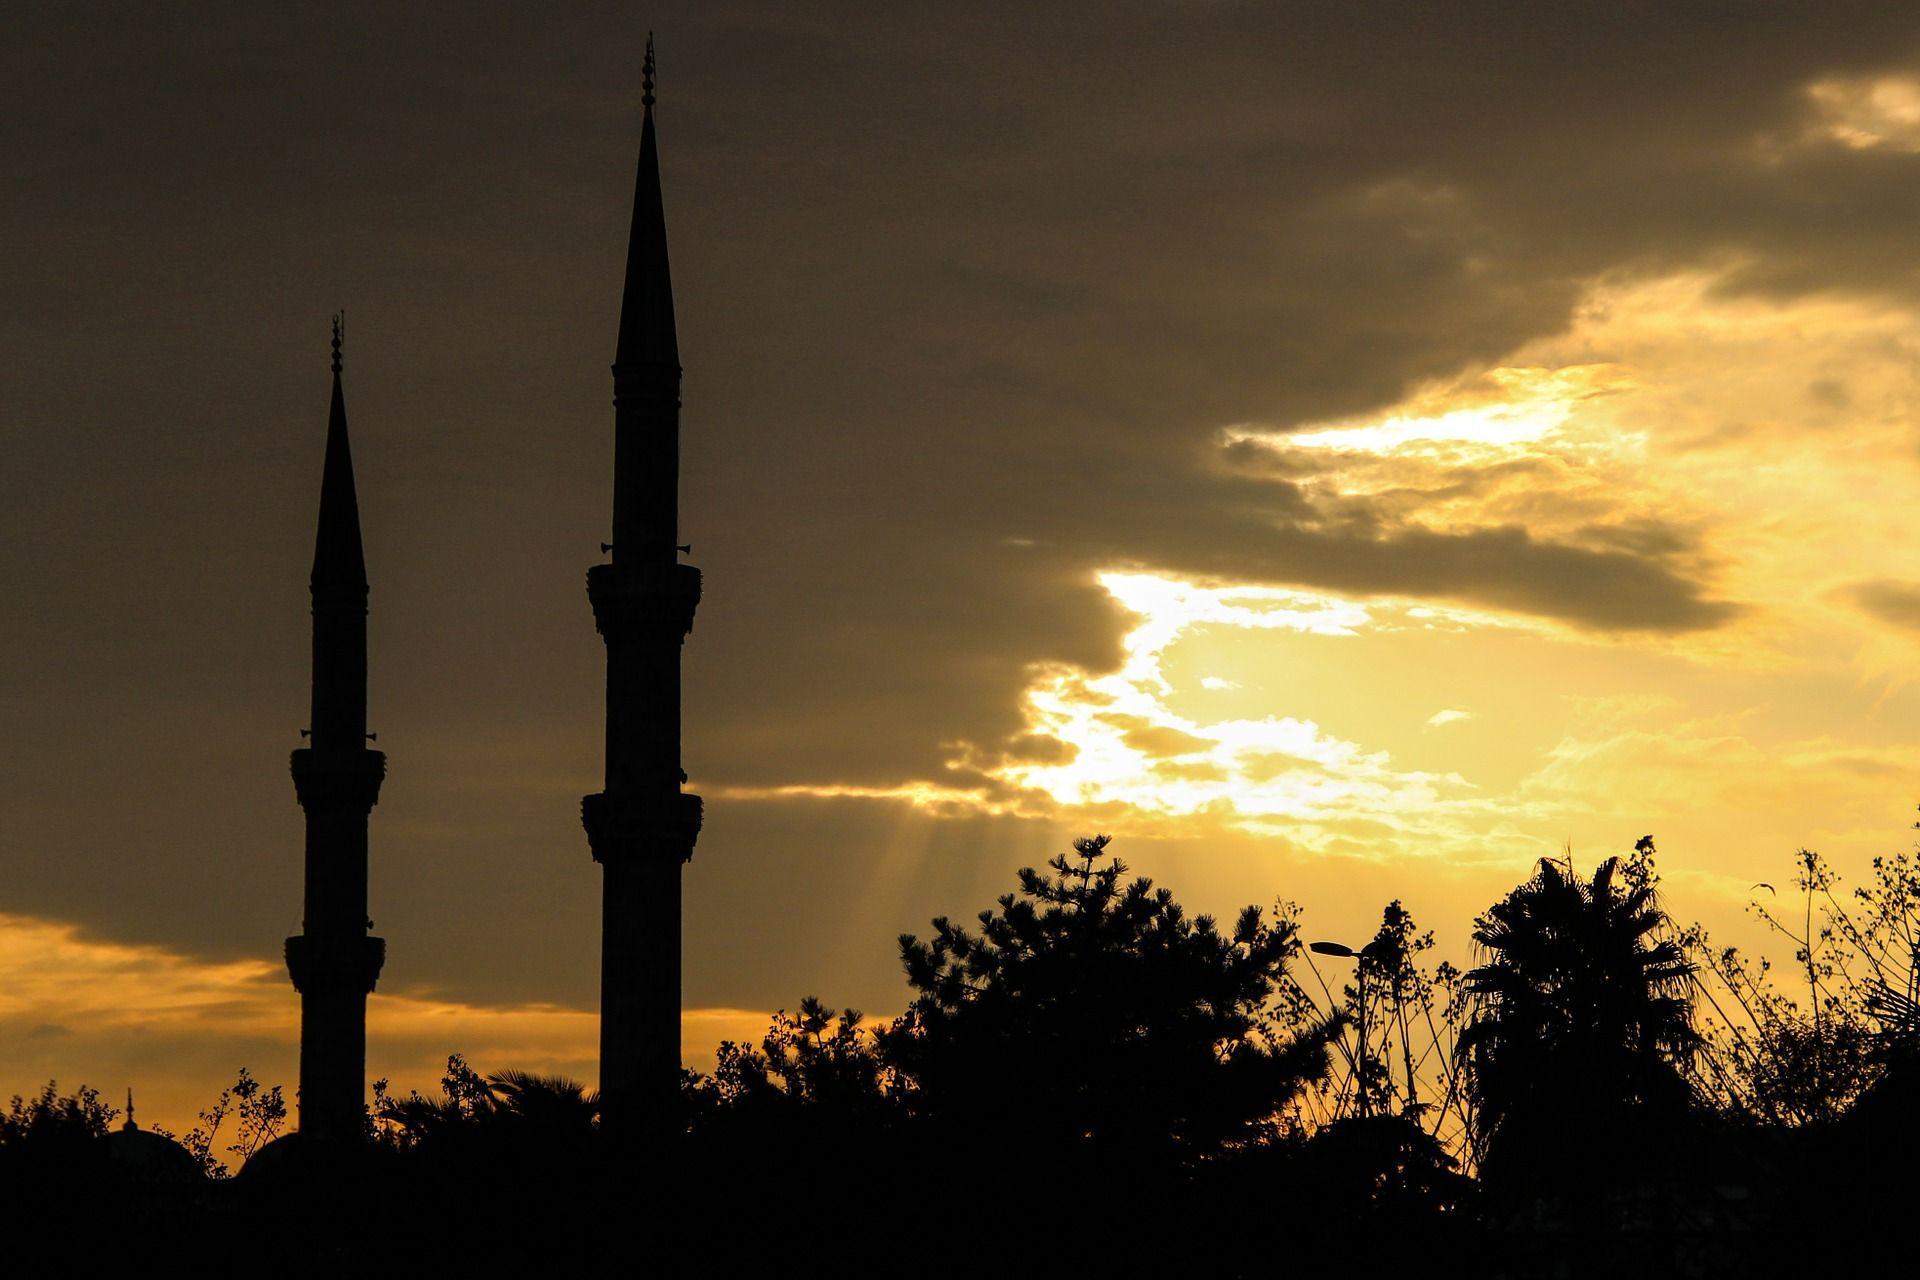 Warning for travels to TurkeyNyhetsvarsel: Dette er siste nytt om reiser til Tyrkia